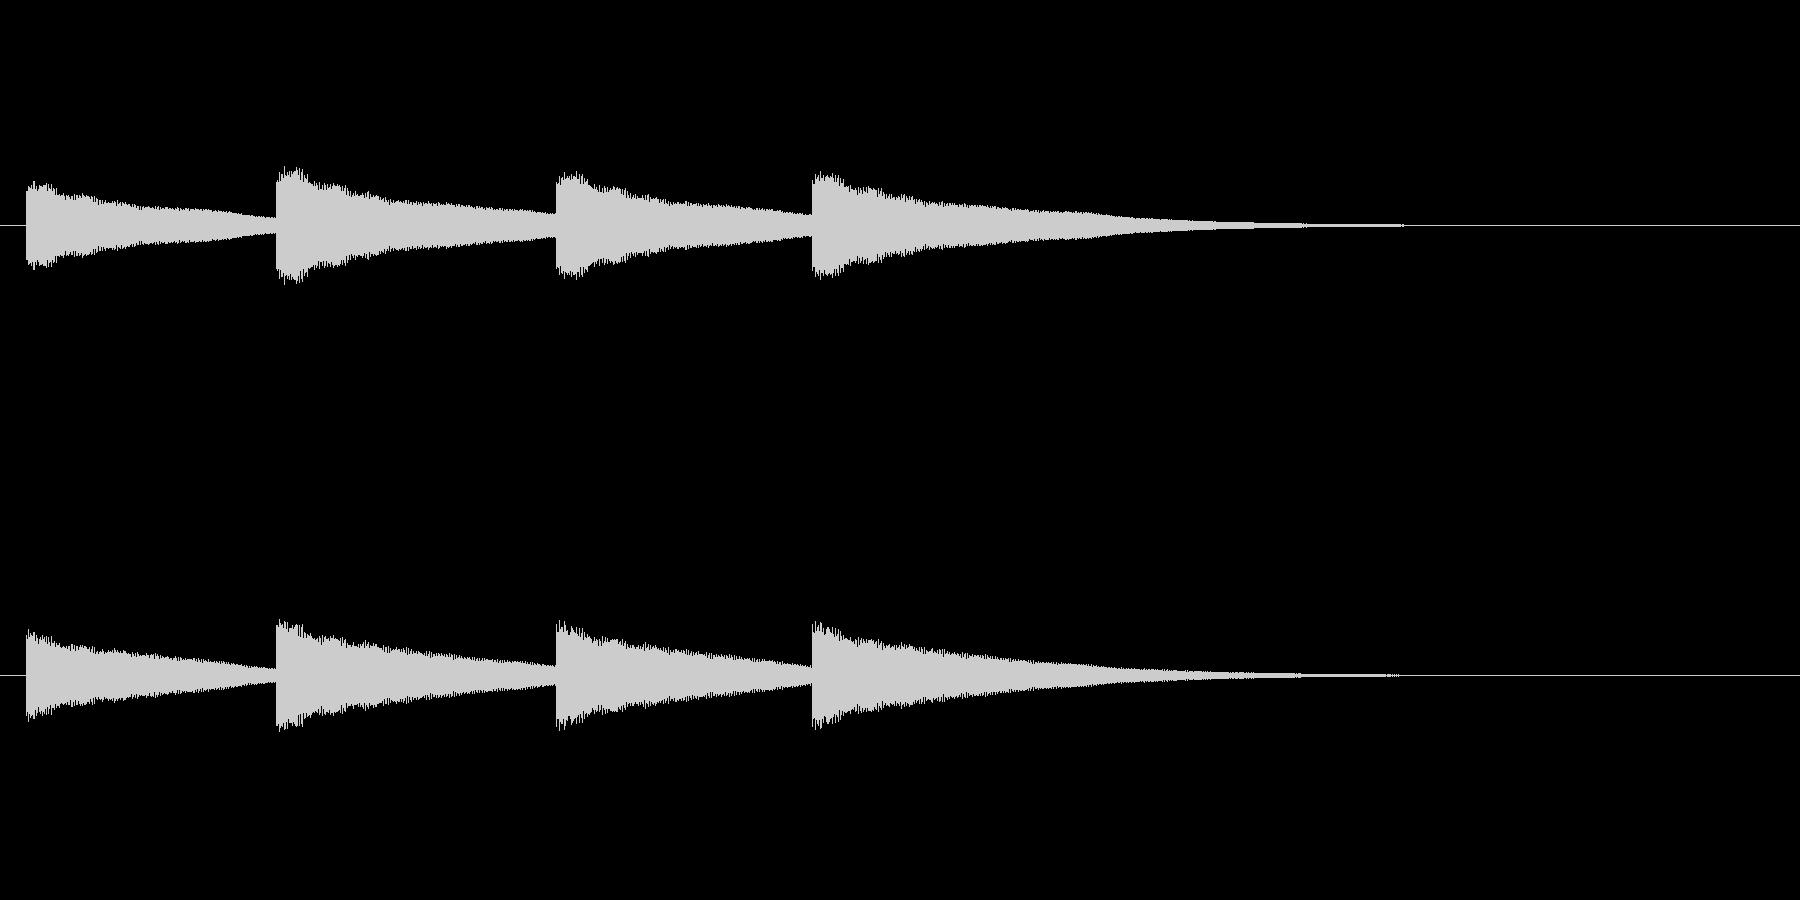 鐘の音(カーン×4回)の未再生の波形